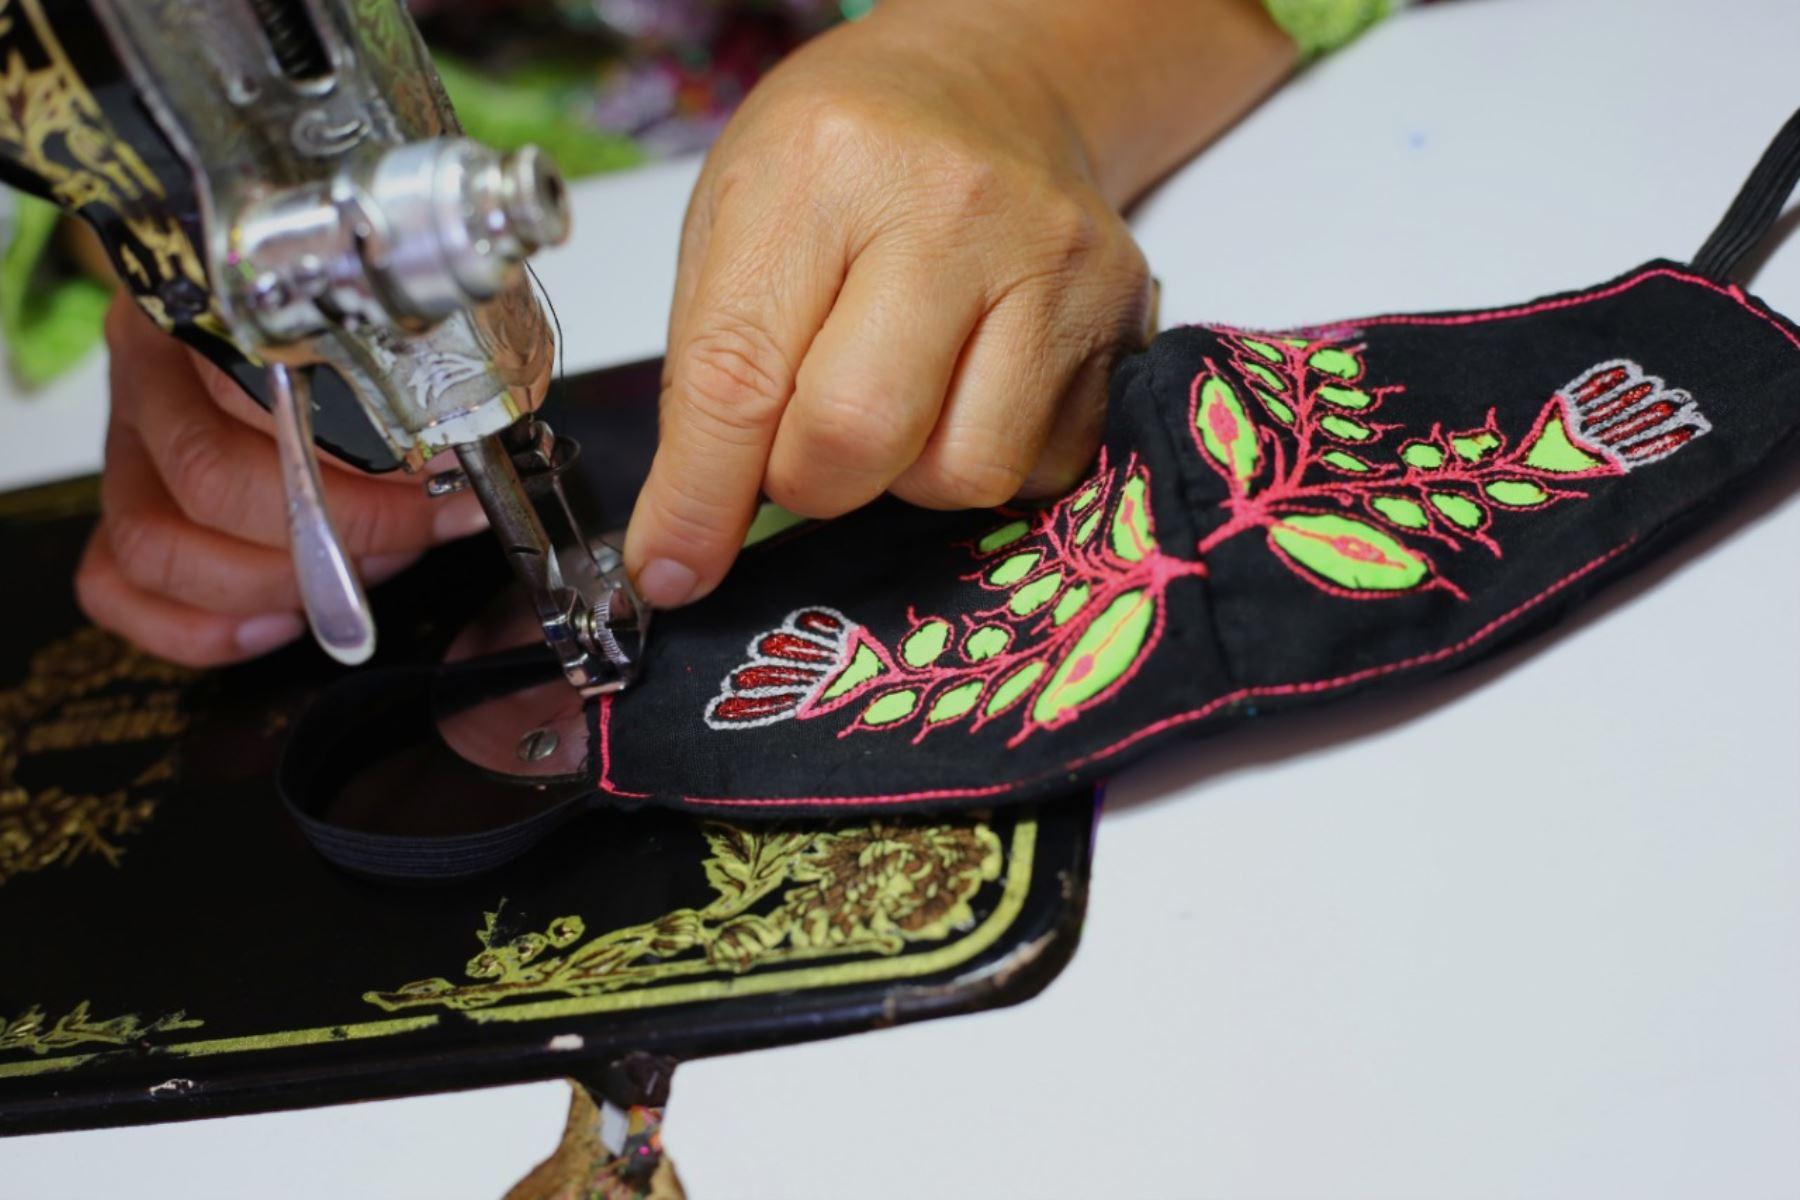 Las mascarillas son reutilizables e incluso el diseño se puede dejar remojando y no se daña. Foto: Cortesía/Cesar García